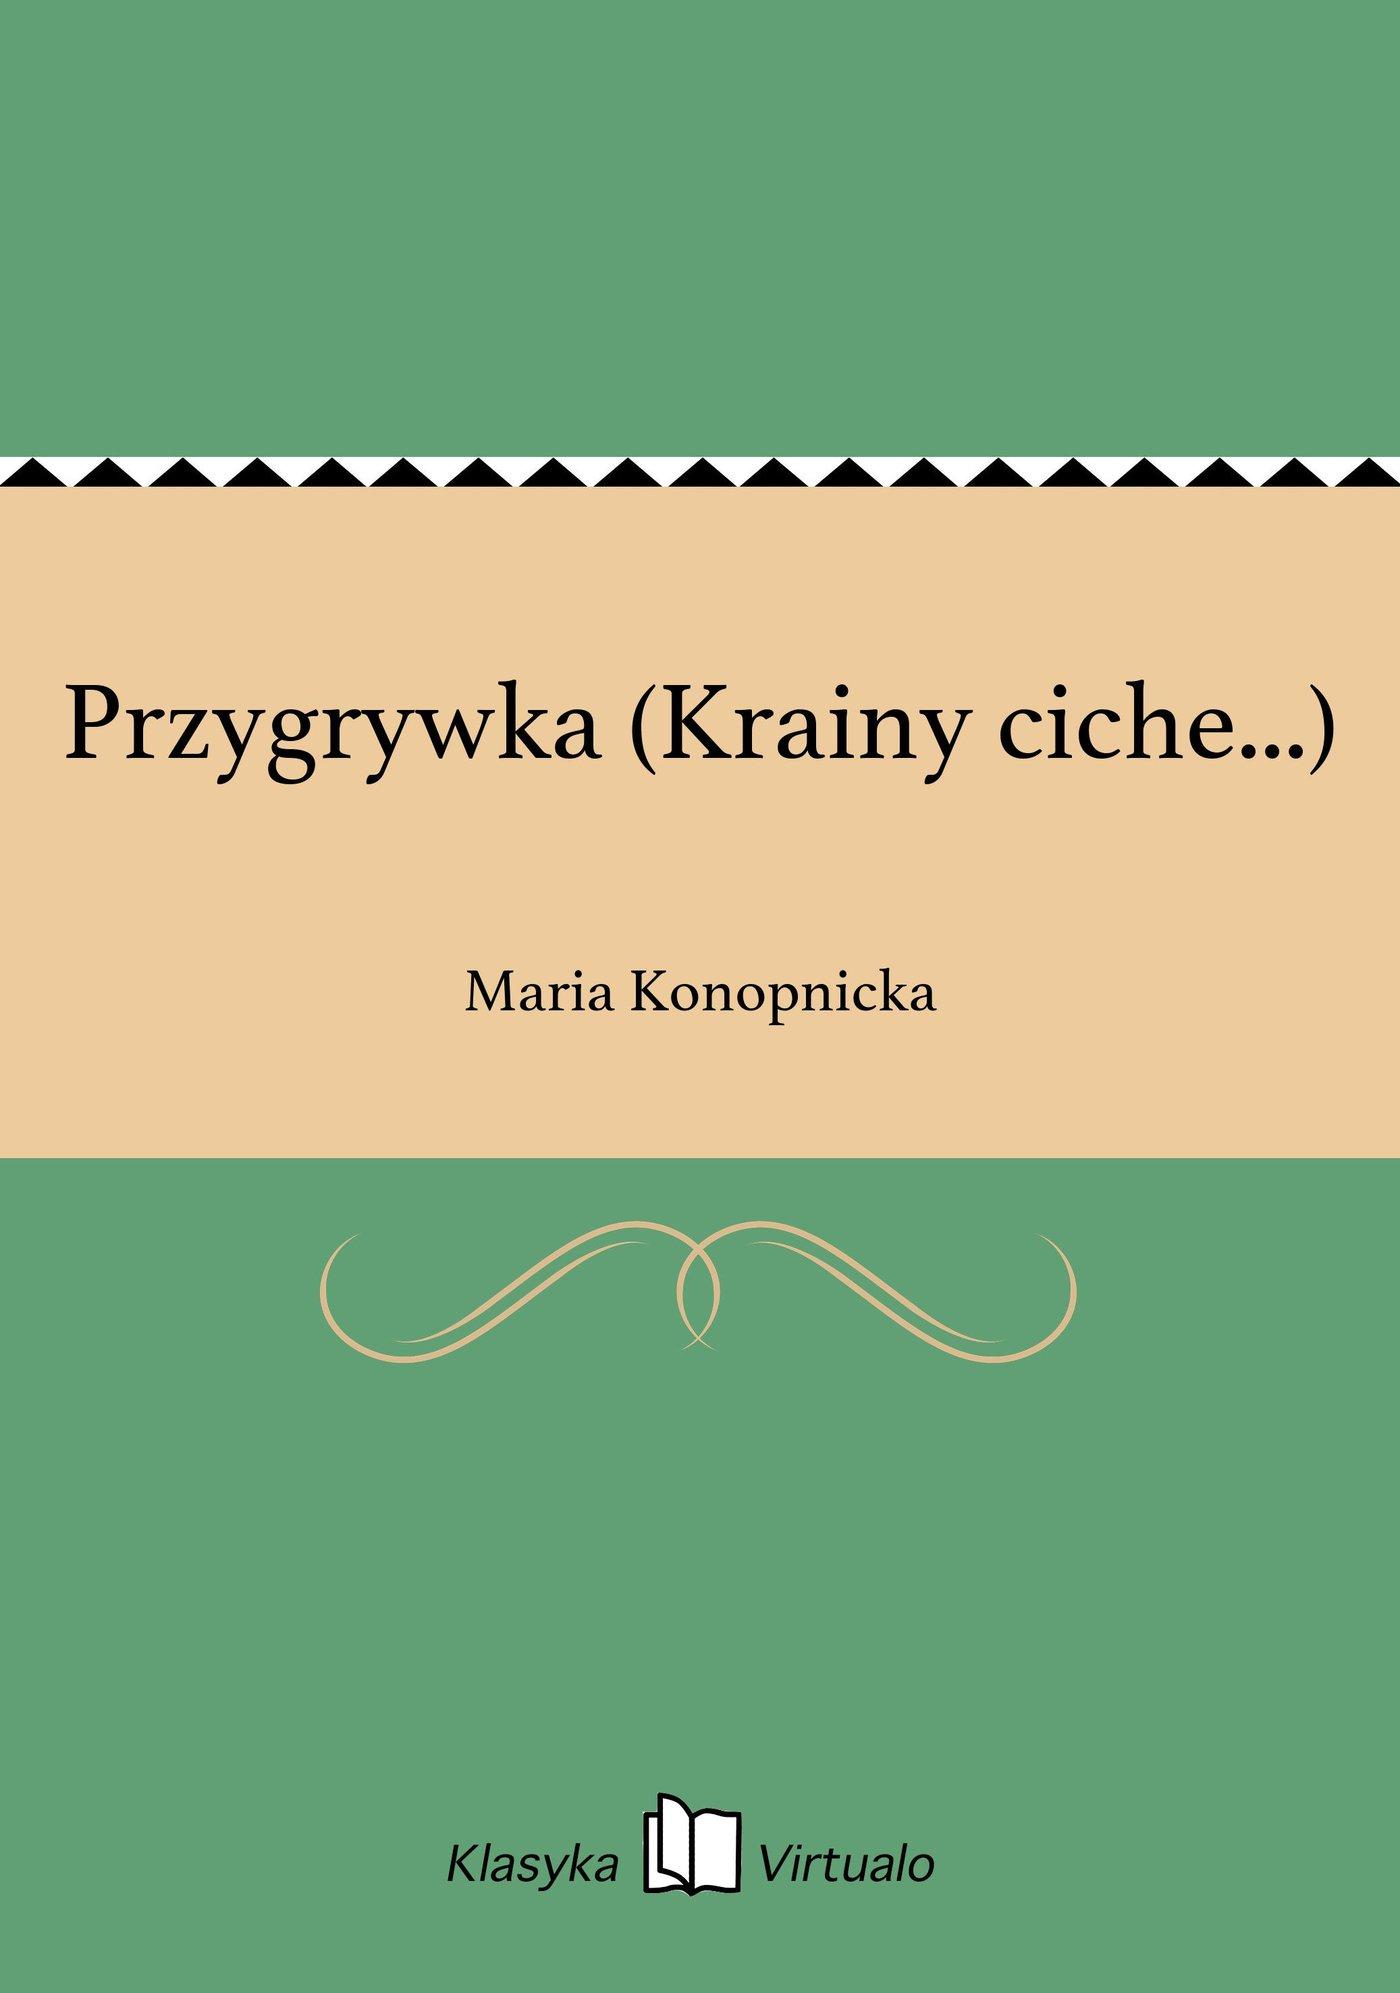 Przygrywka (Krainy ciche...) - Ebook (Książka EPUB) do pobrania w formacie EPUB